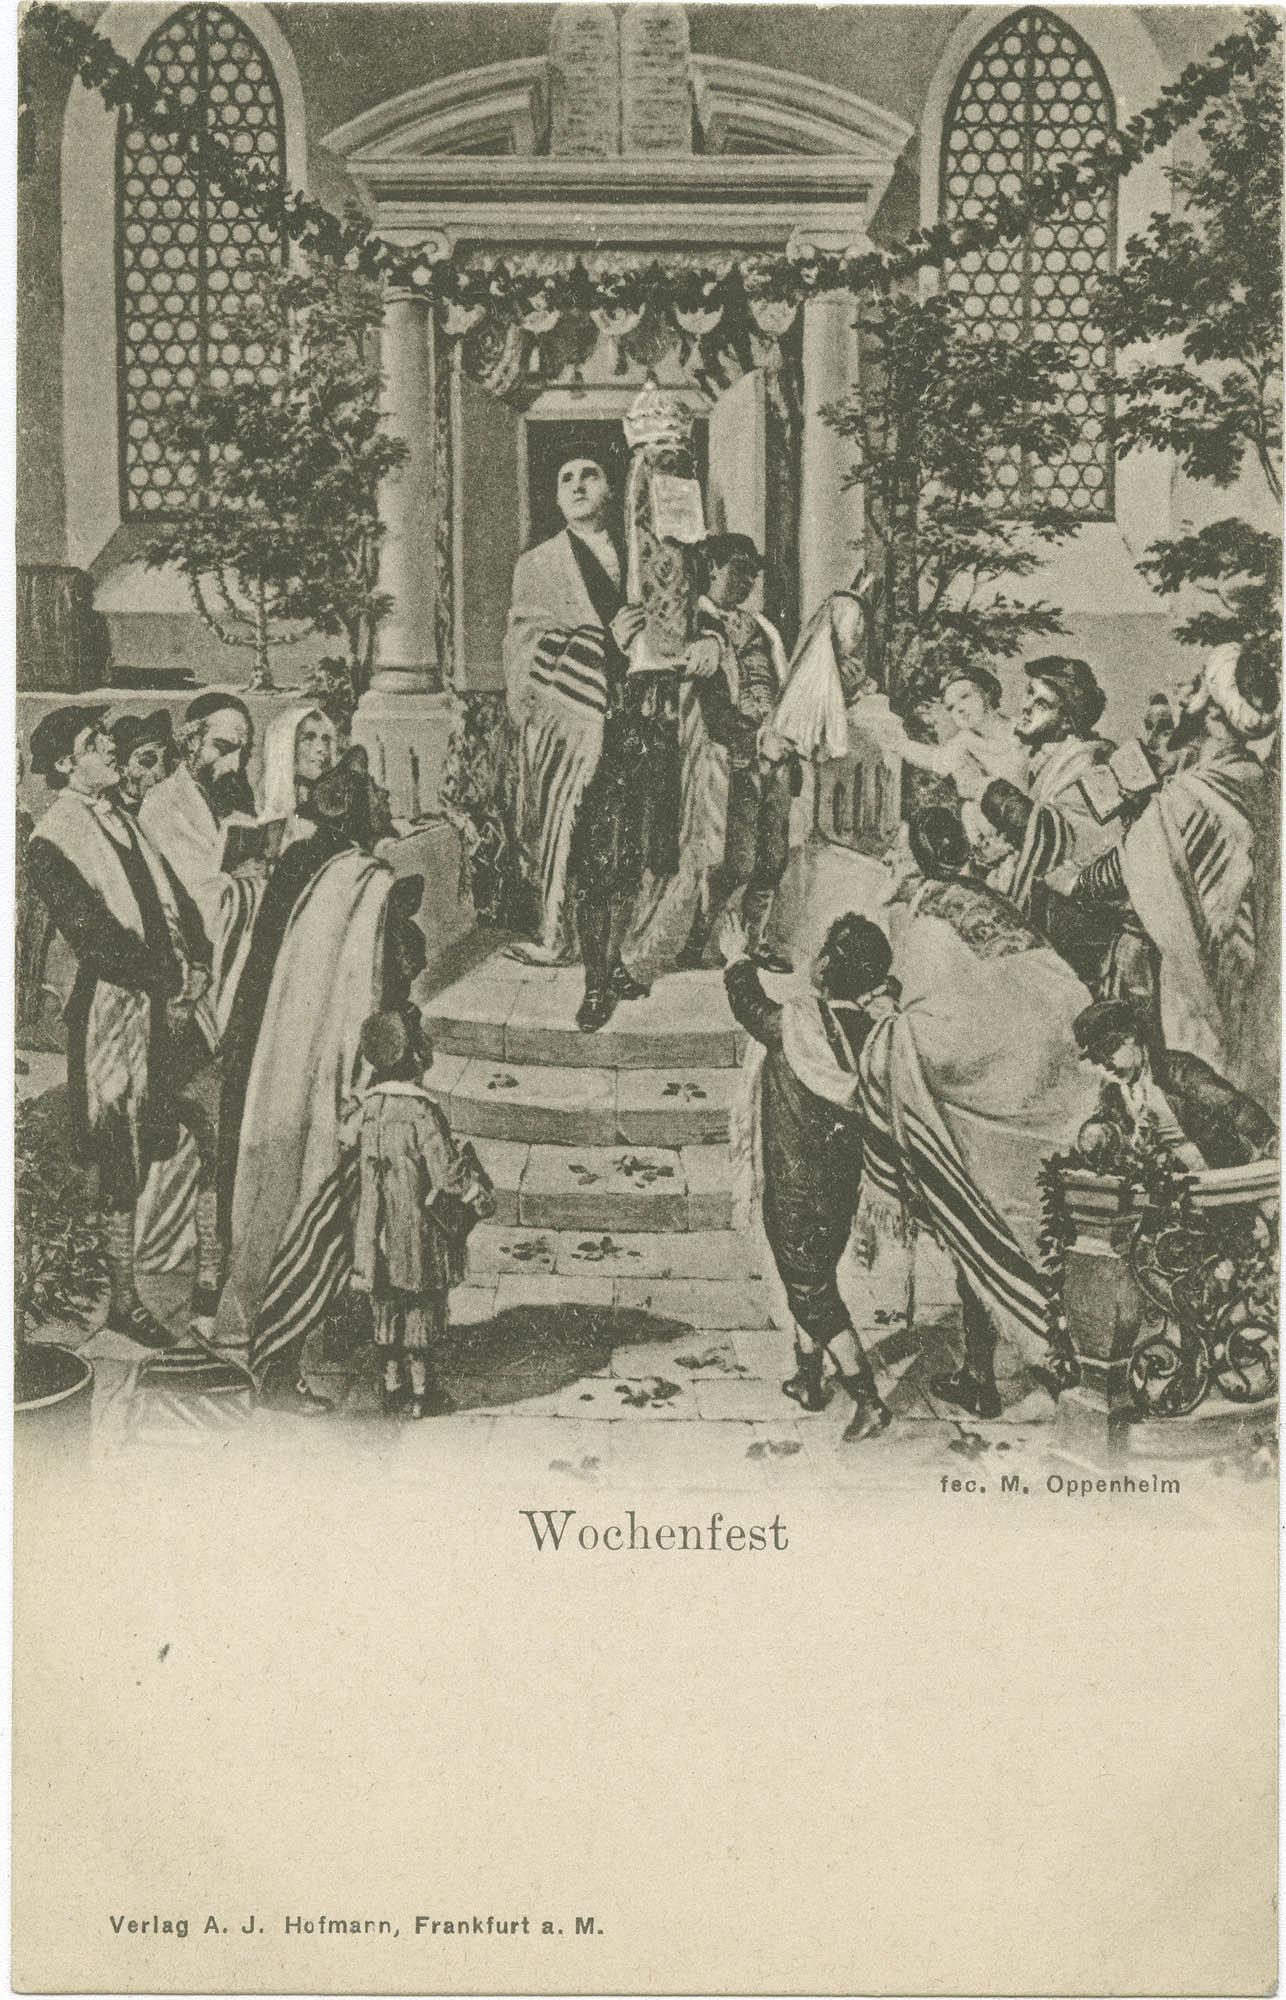 Wochenfest